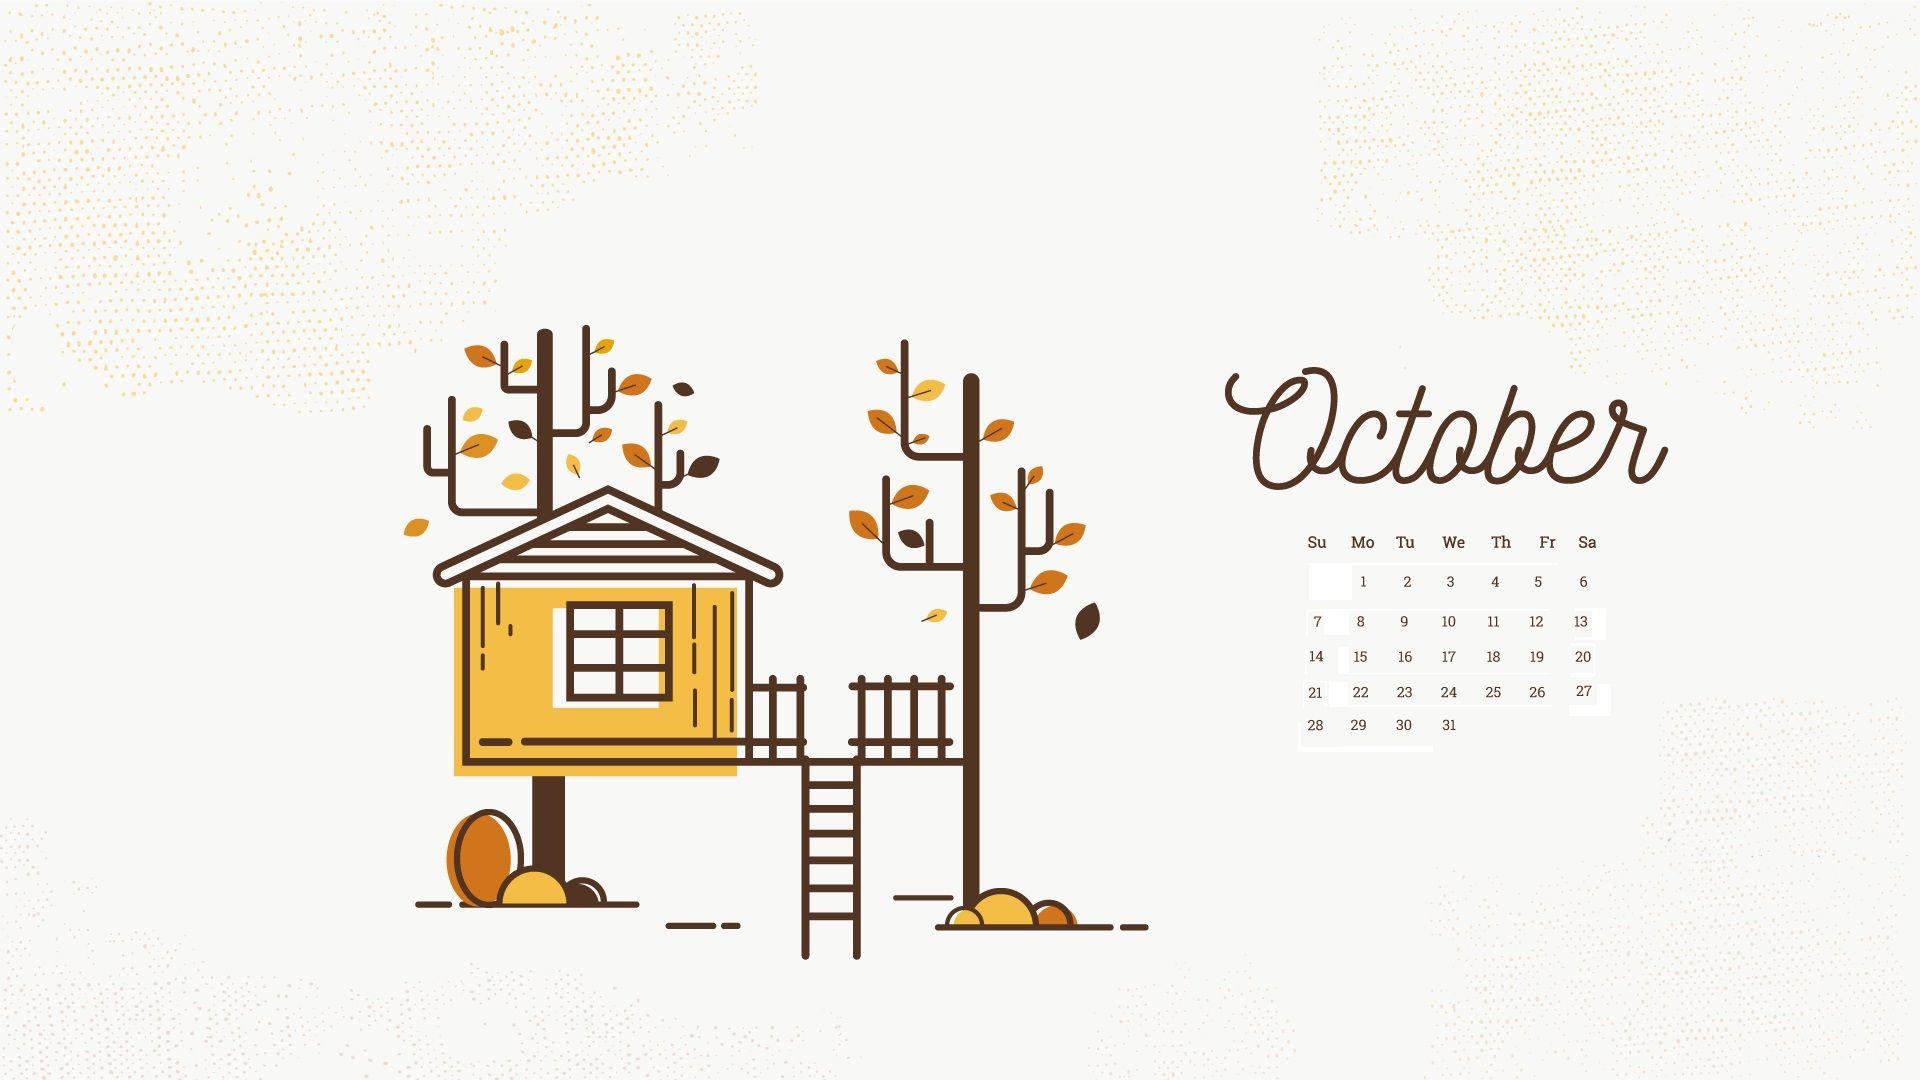 October 2018 Calendar Wallpapers Calendar Wallpaper October Calendar Wallpaper Desktop Wallpaper Calendar